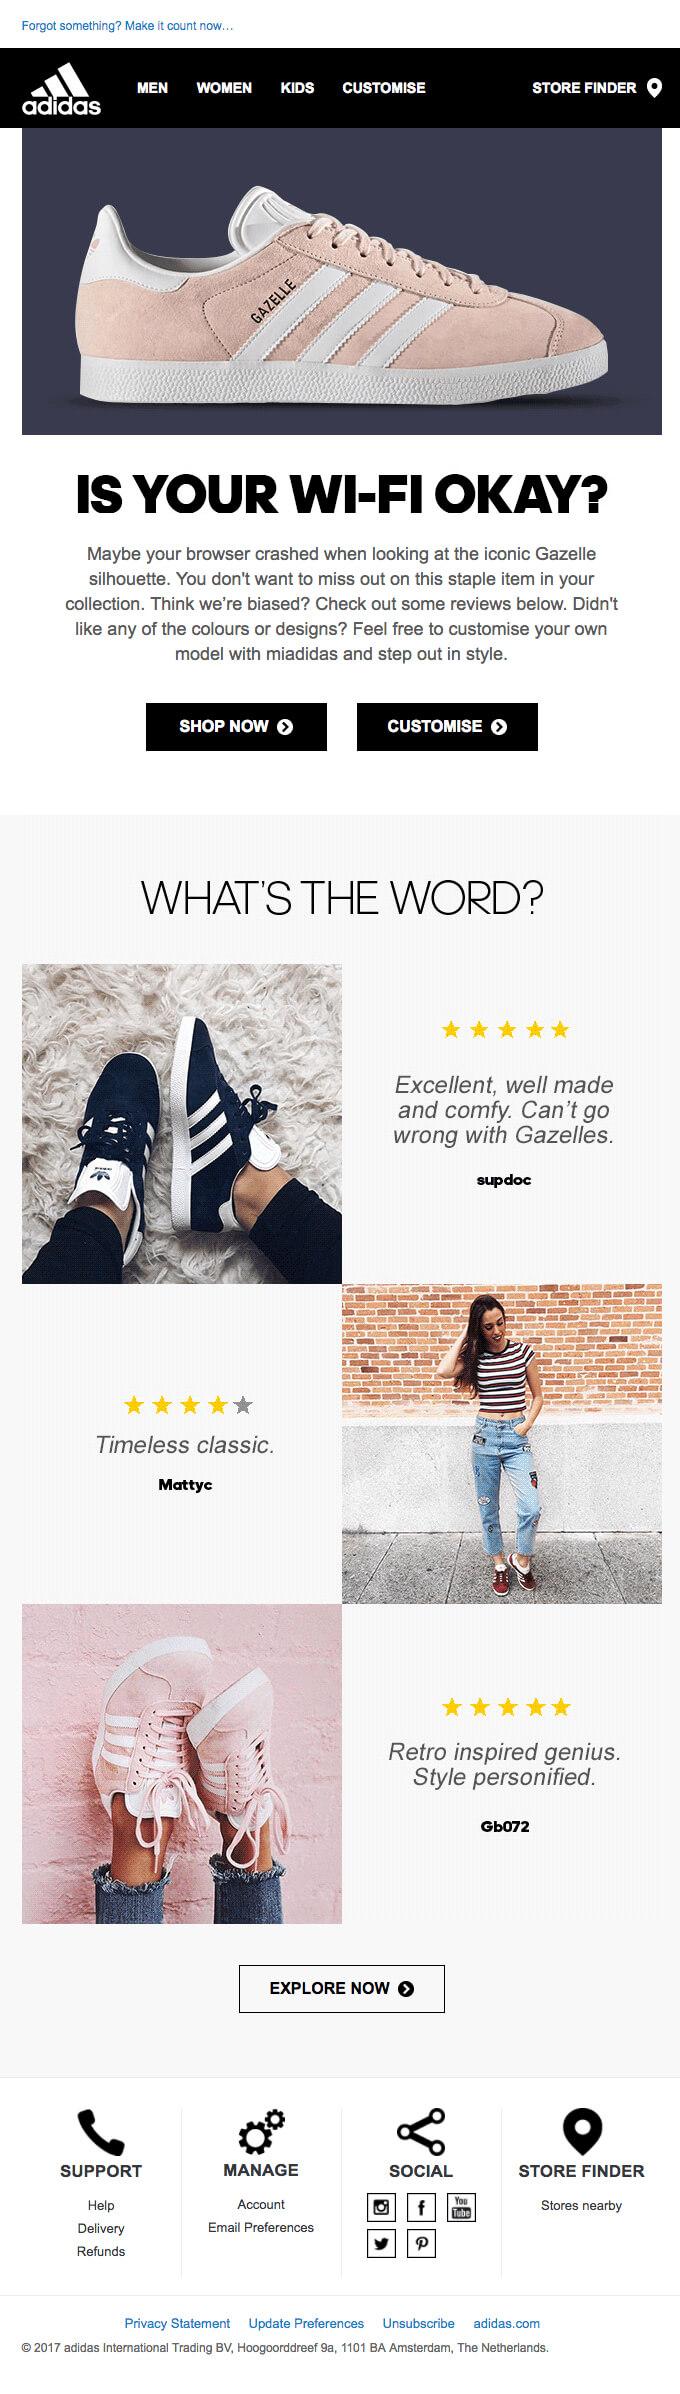 Adidas-Abandoned-Cart-Email